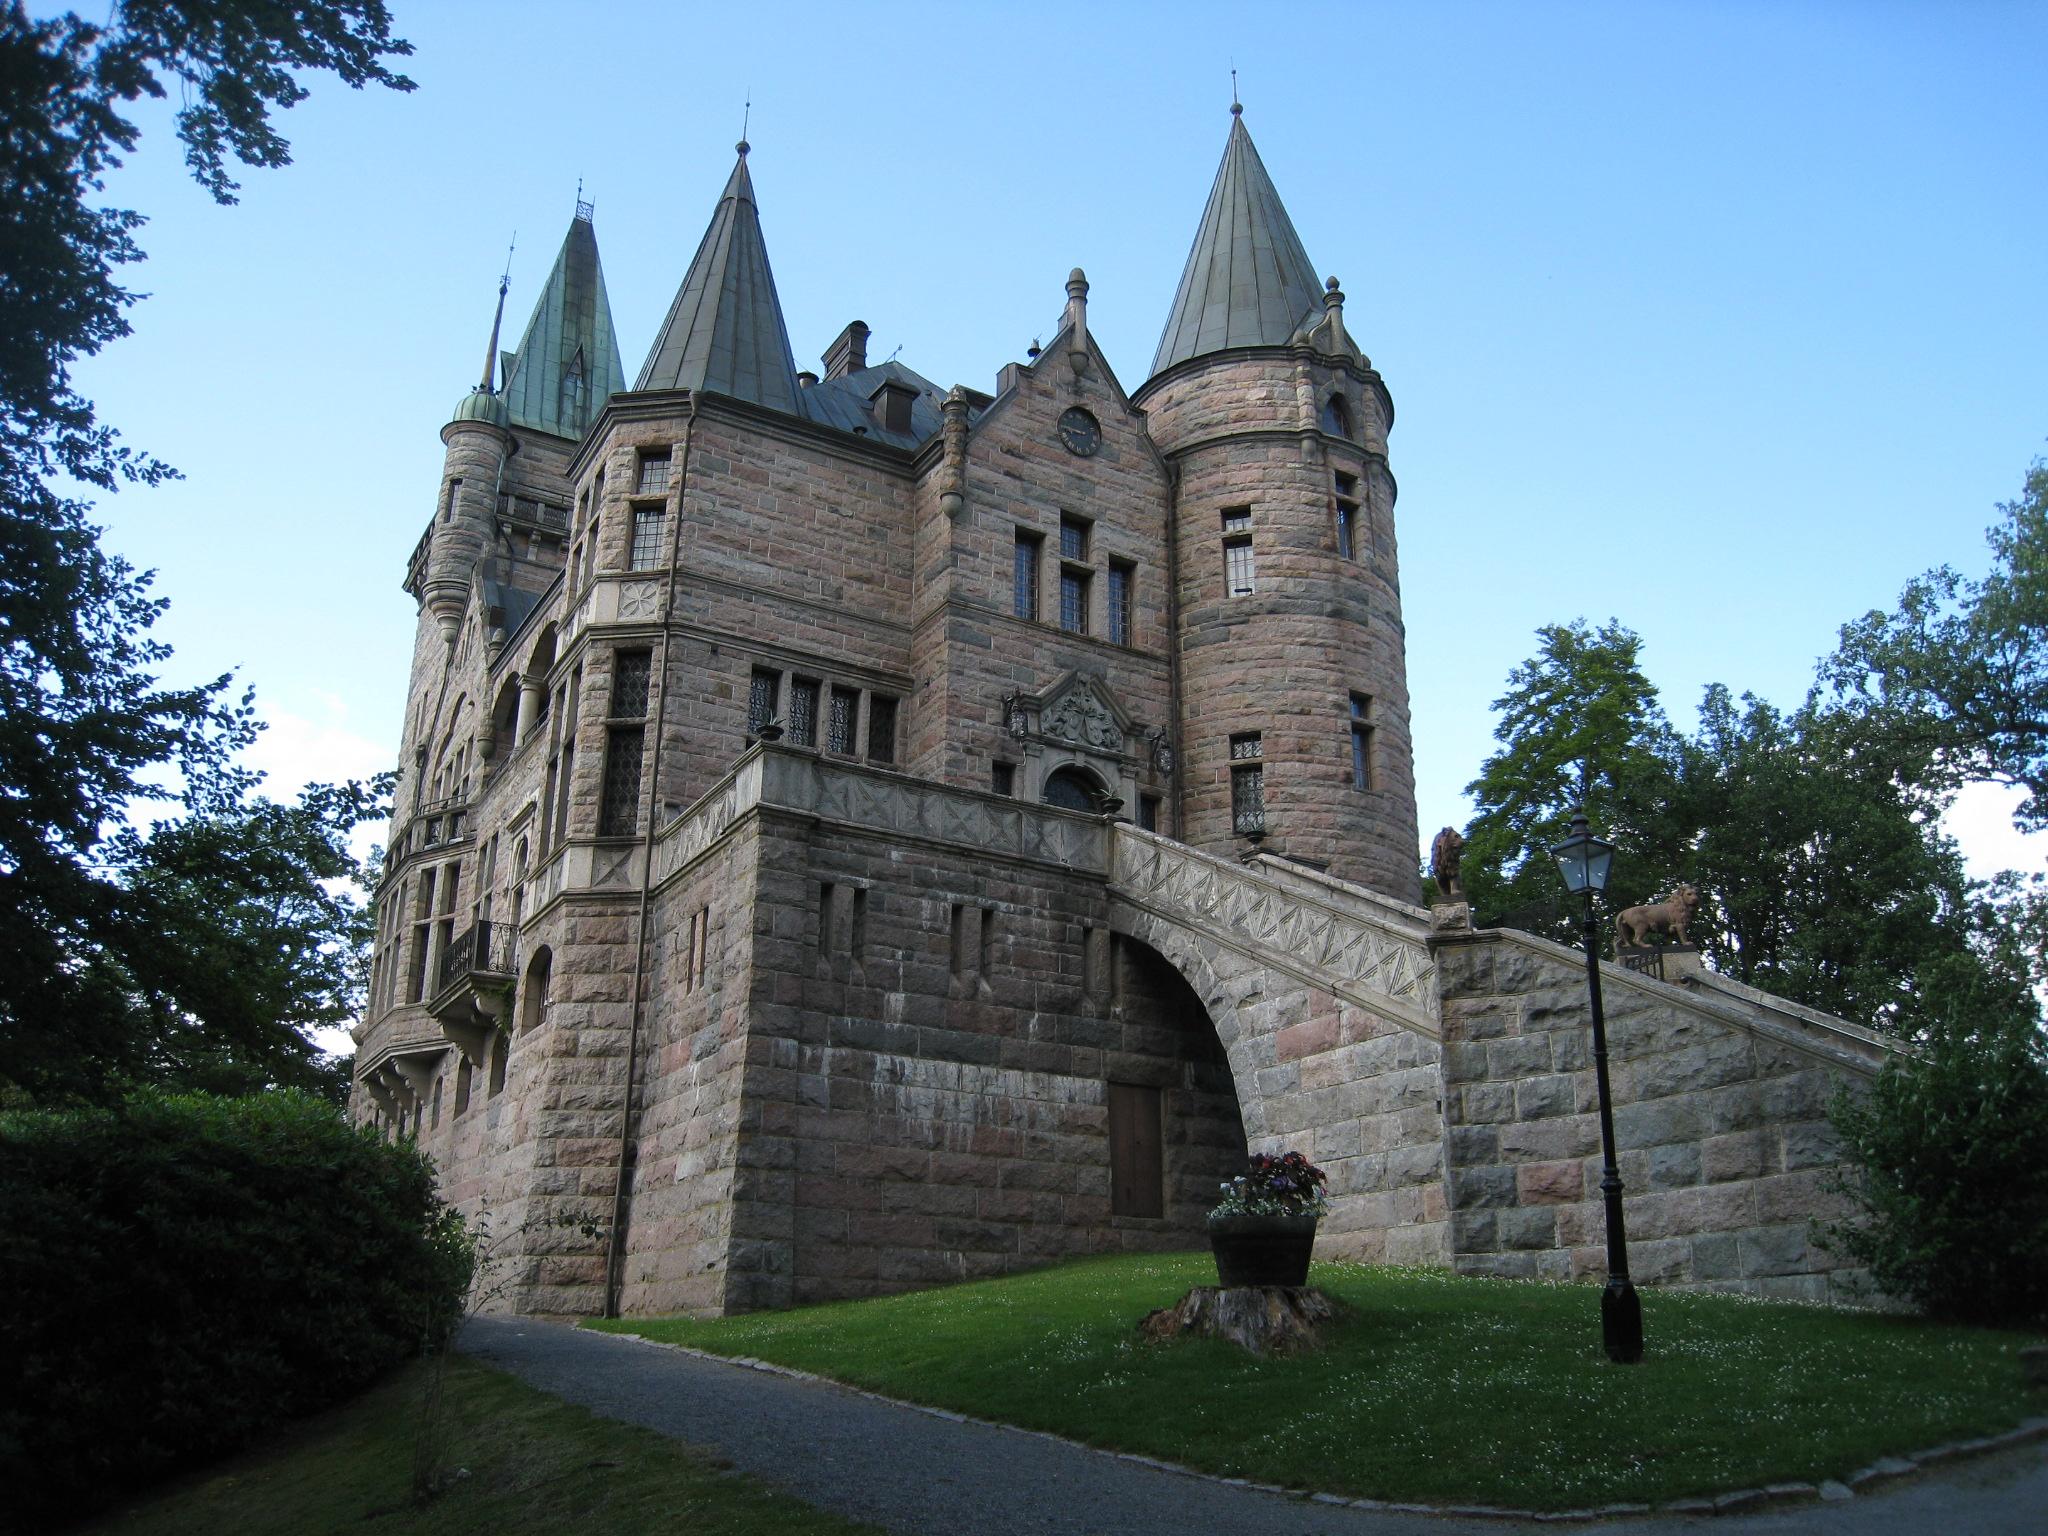 I det enkla bor det Vackra brllop Teleborg Slott, Vxj